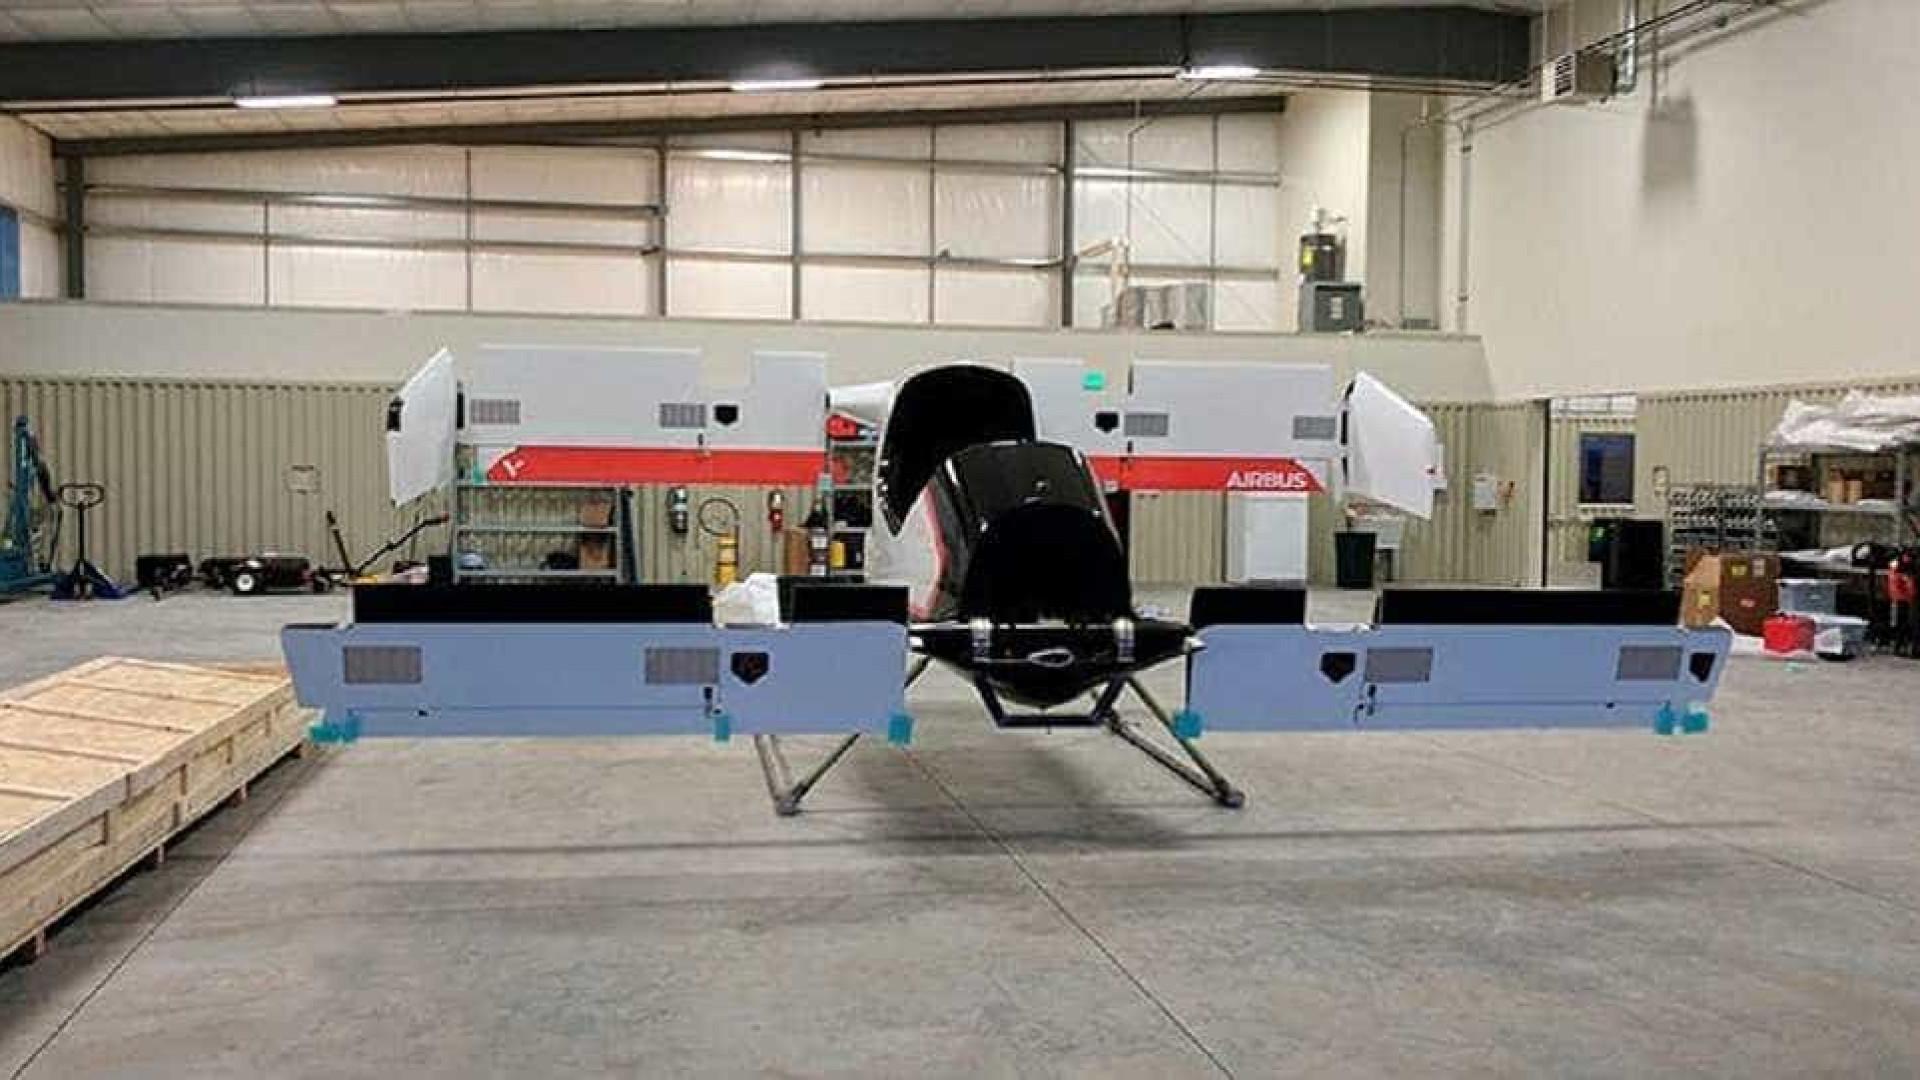 Confira as primeiras imagens do protótipo de táxi voador